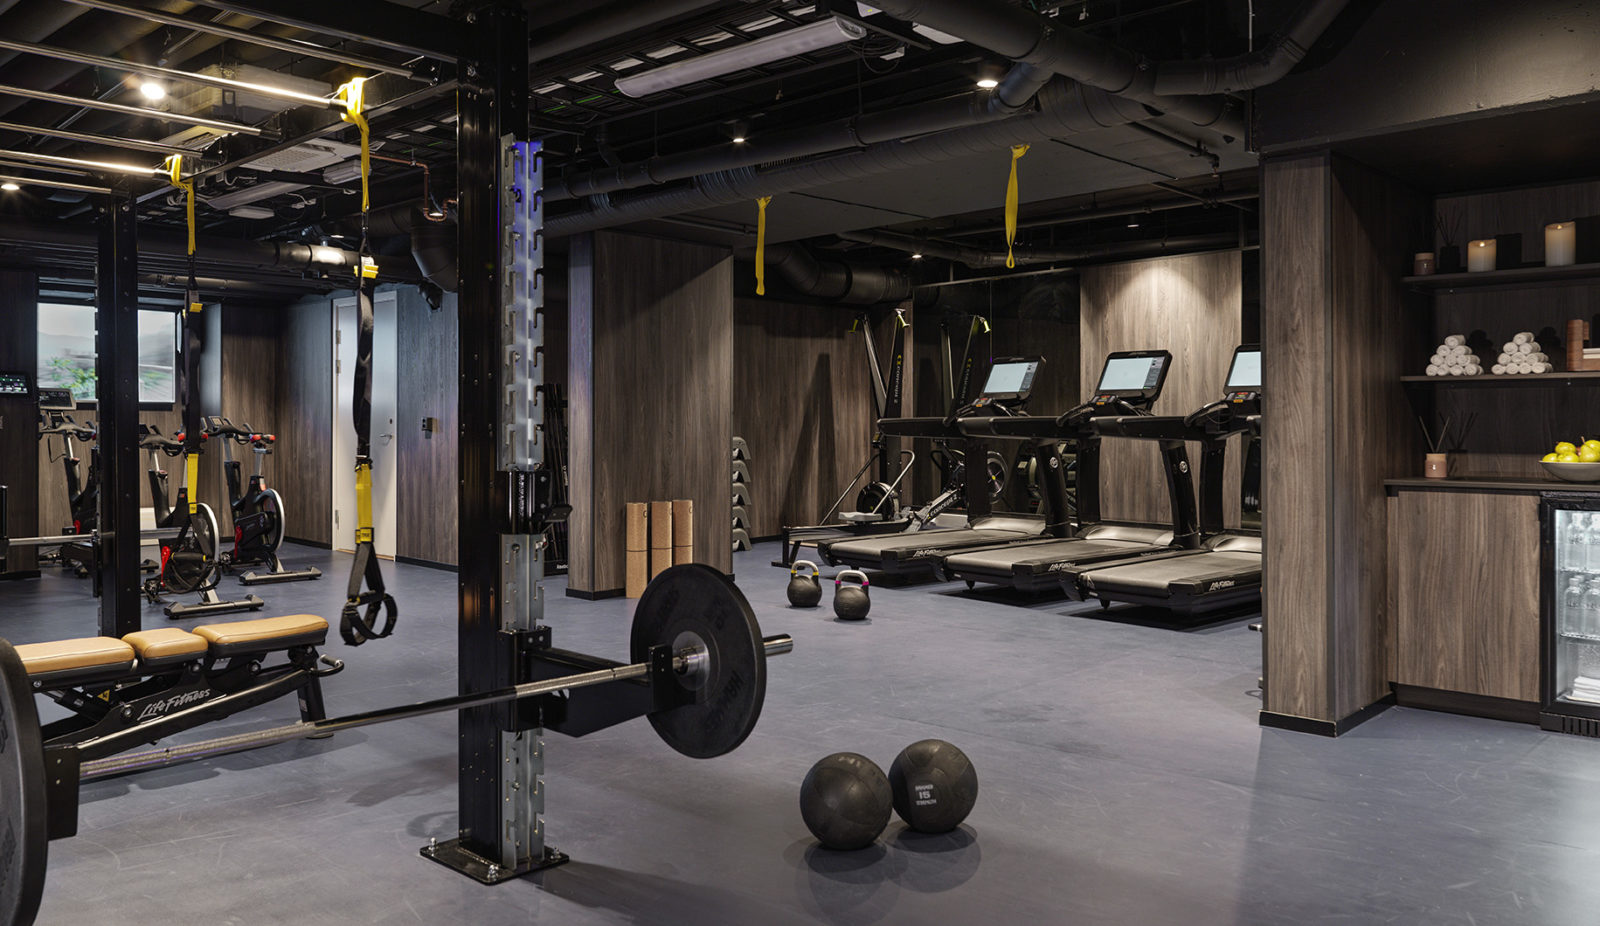 Britannia Fitness studio in Trondheim